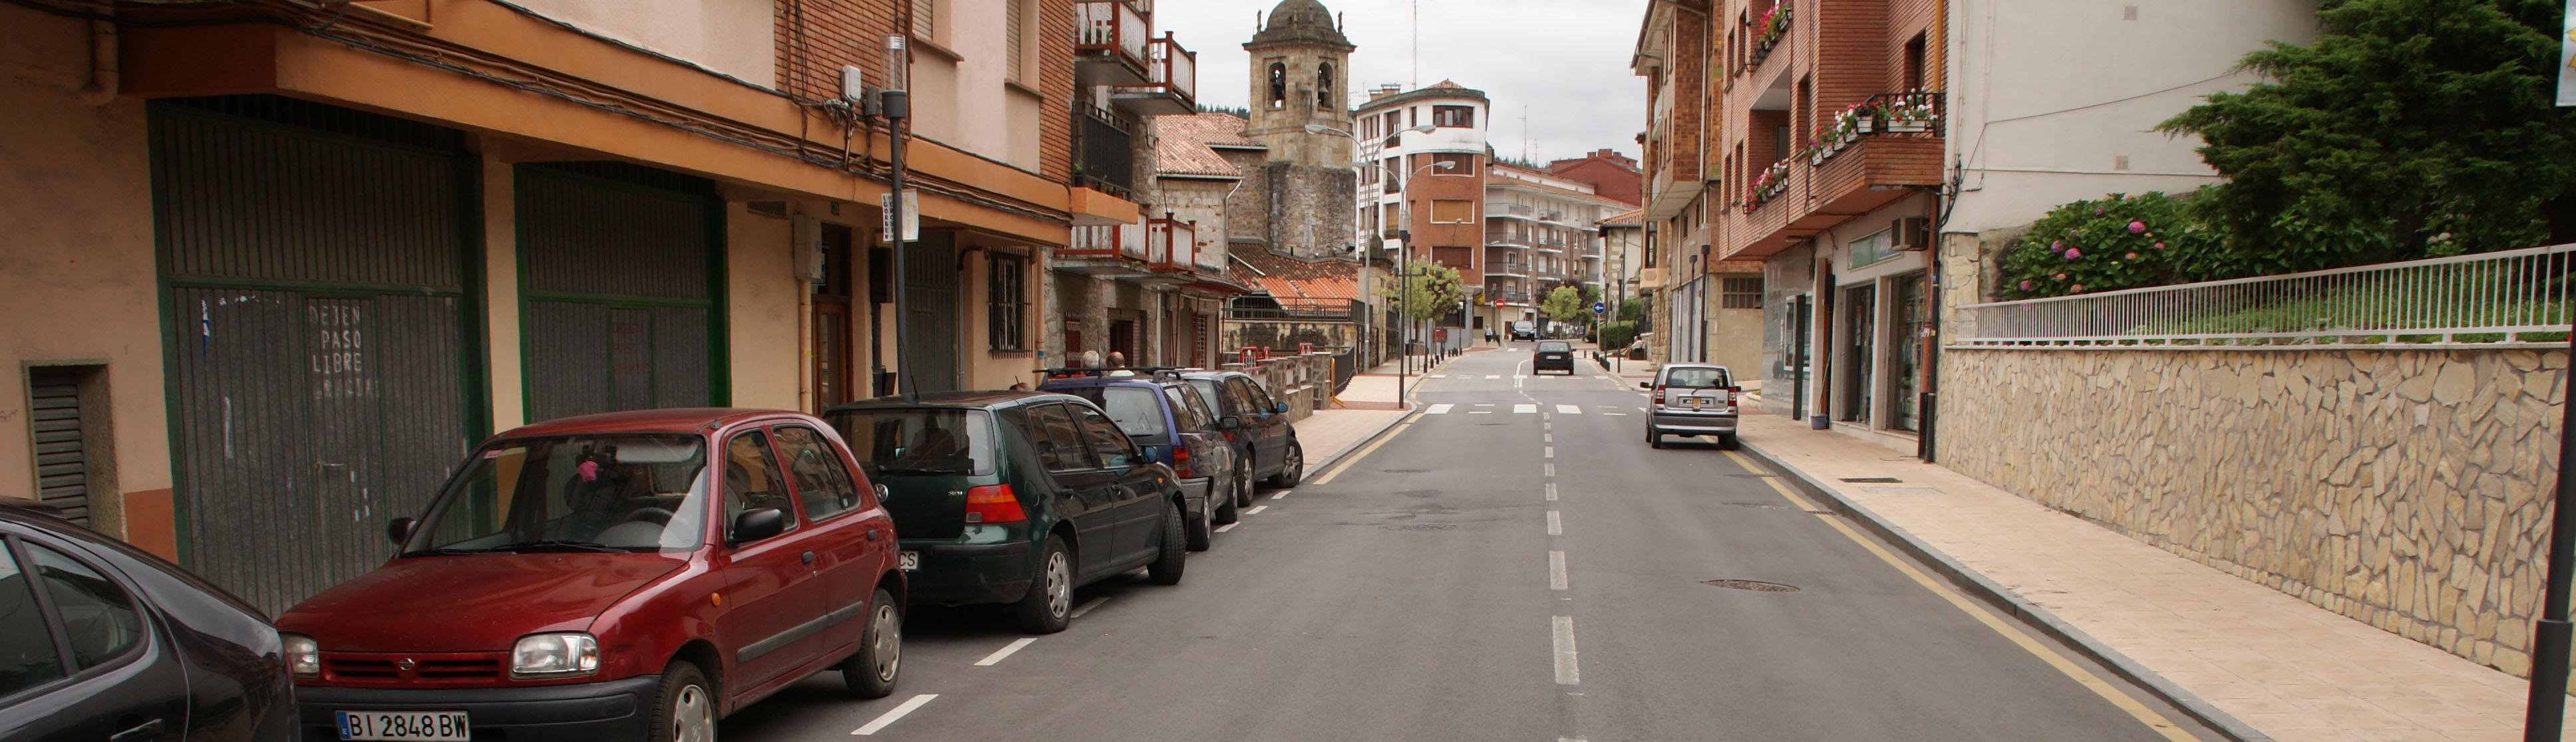 urbanizacion_de_la_calle_elexalde_igorre_0